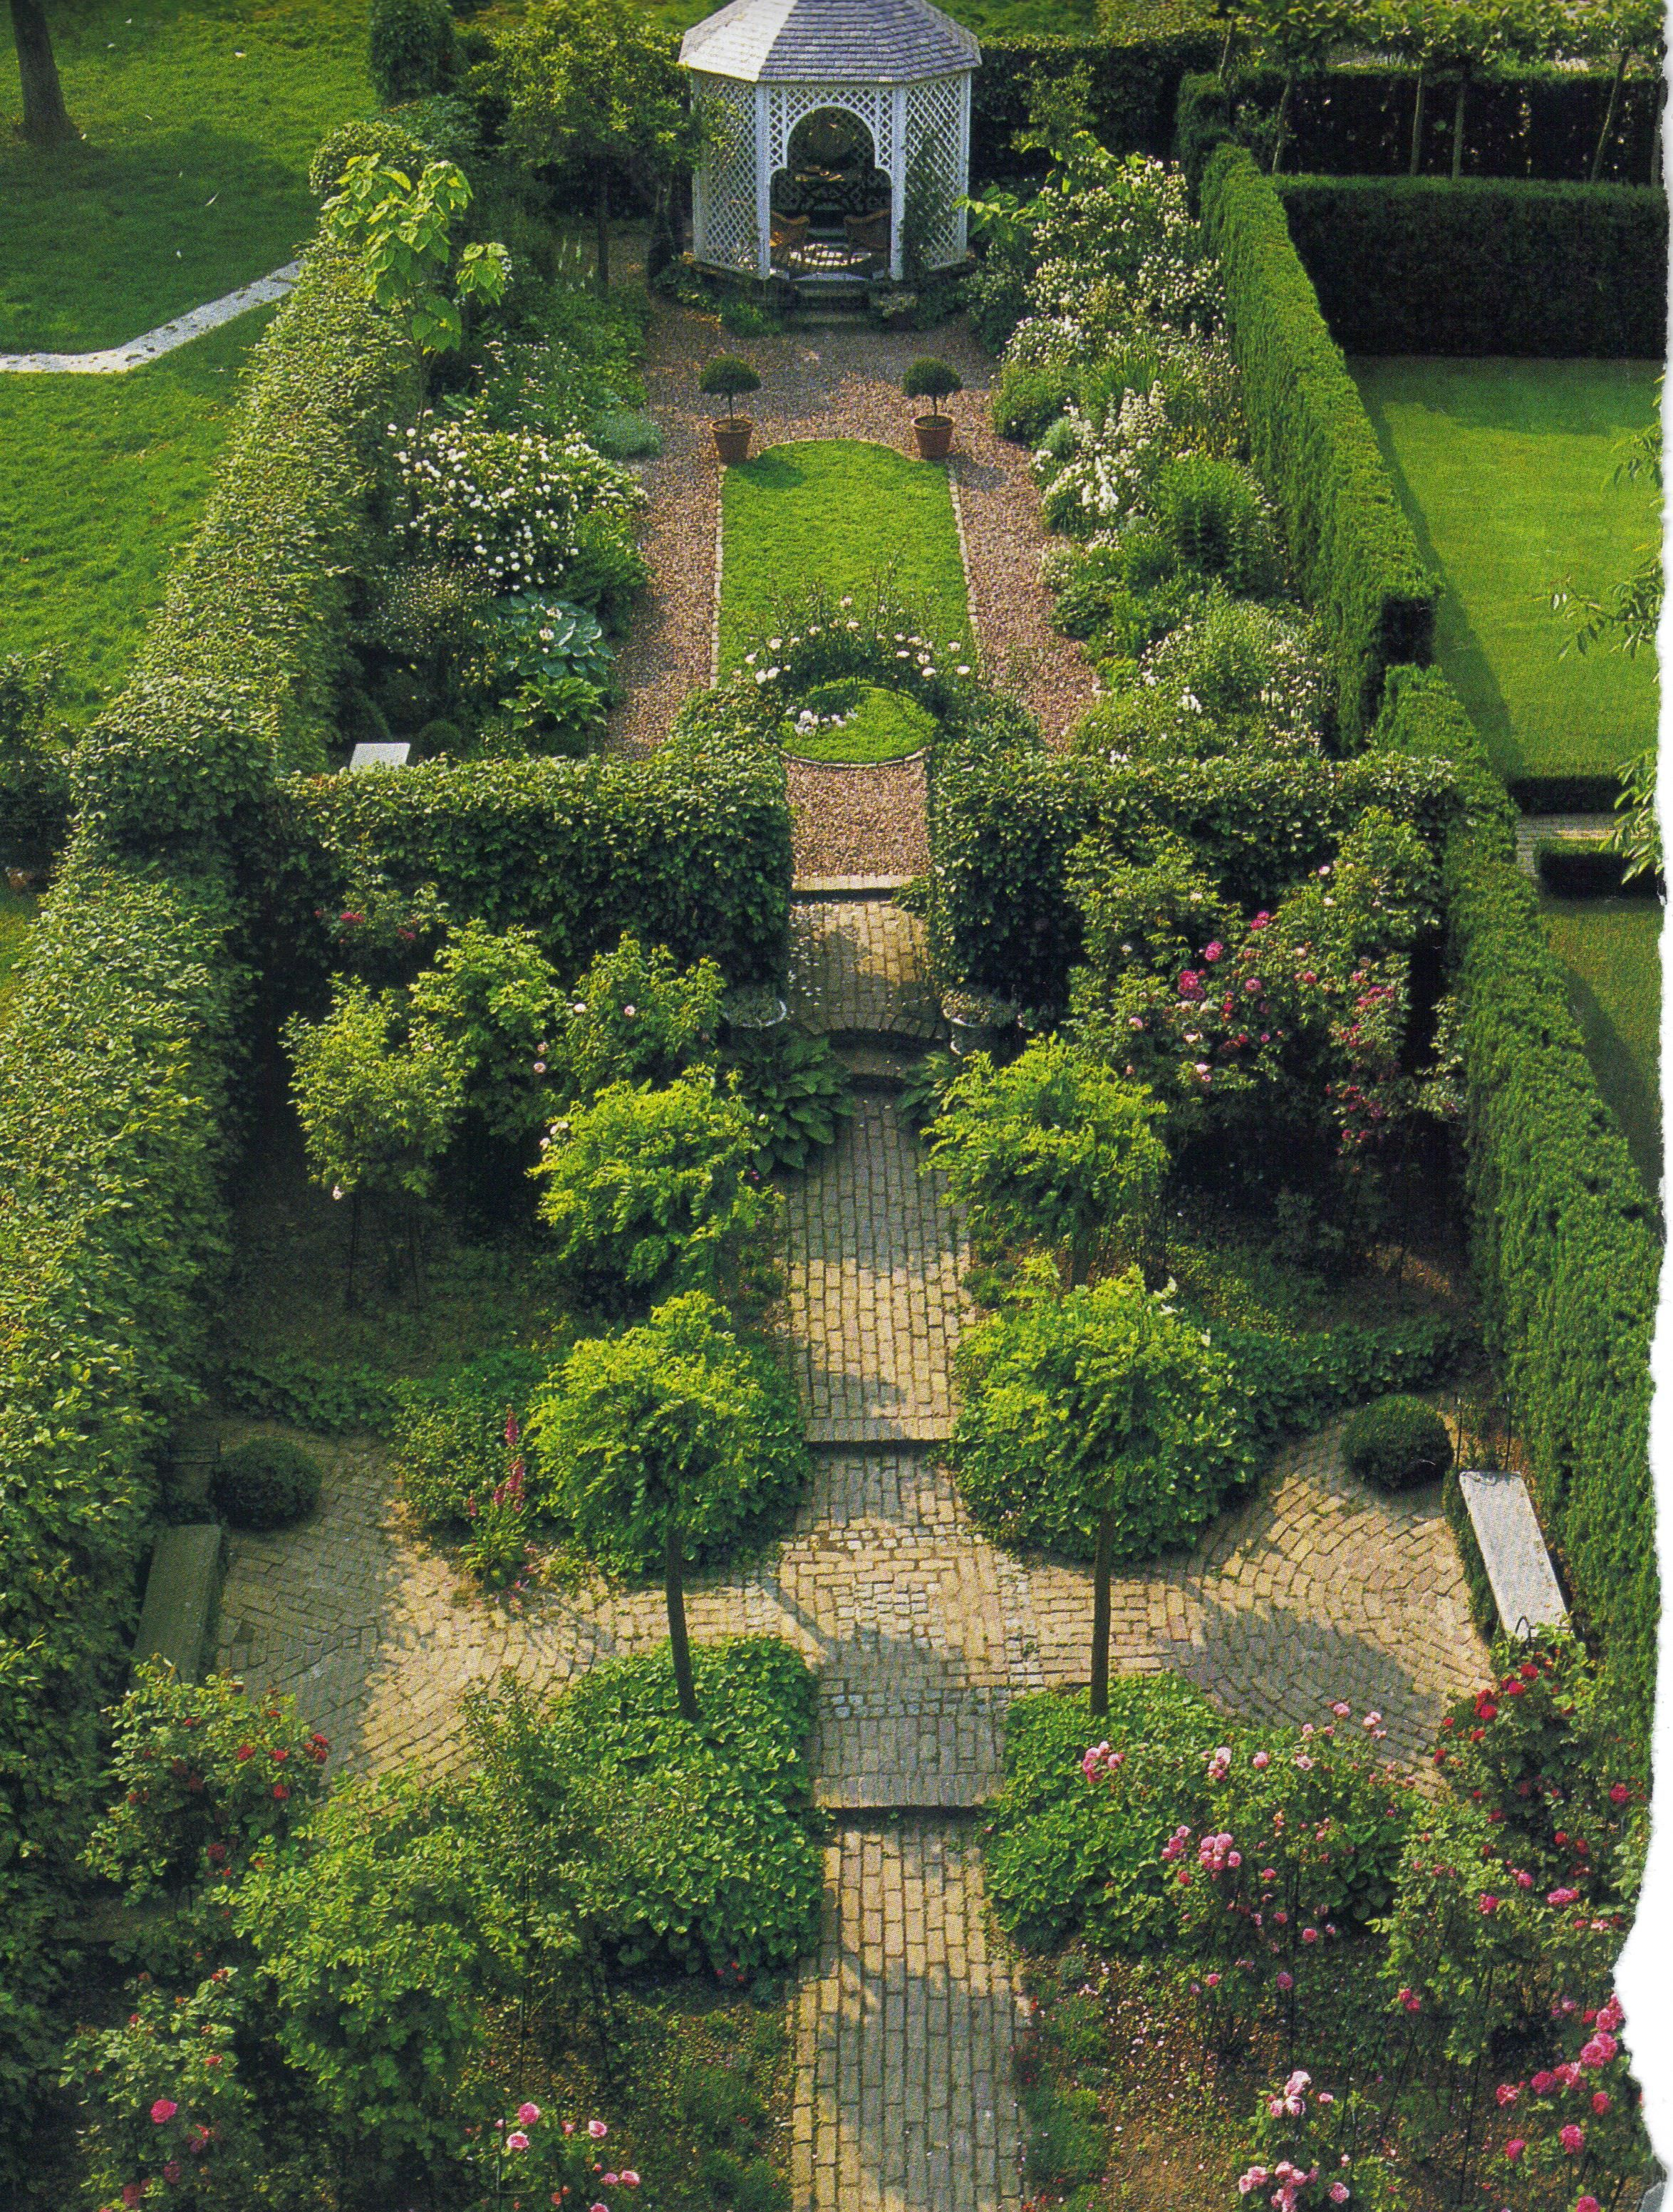 Walled Garden Garden Stuff Garden Park Garden Dream Garden Cottage Garden Garden Wall